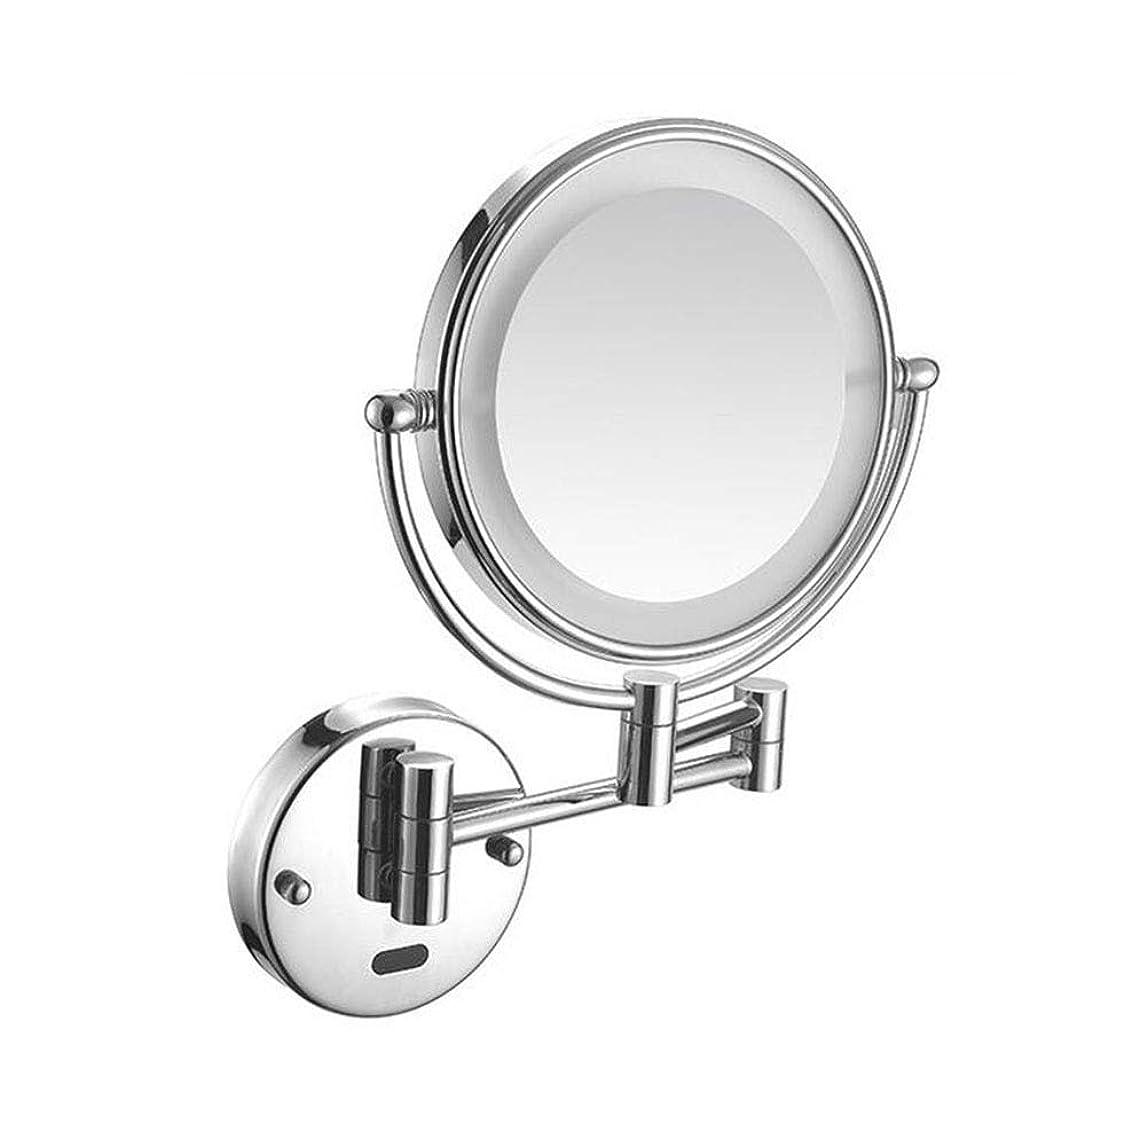 ひいきにする論争的チートLSYO LED 両面 壁に取り付けられた バニティミラー、畳み式 拡大鏡 ンチ360度回転 浴室鏡 拡張可能 丸型,Chrome_5X Magnification